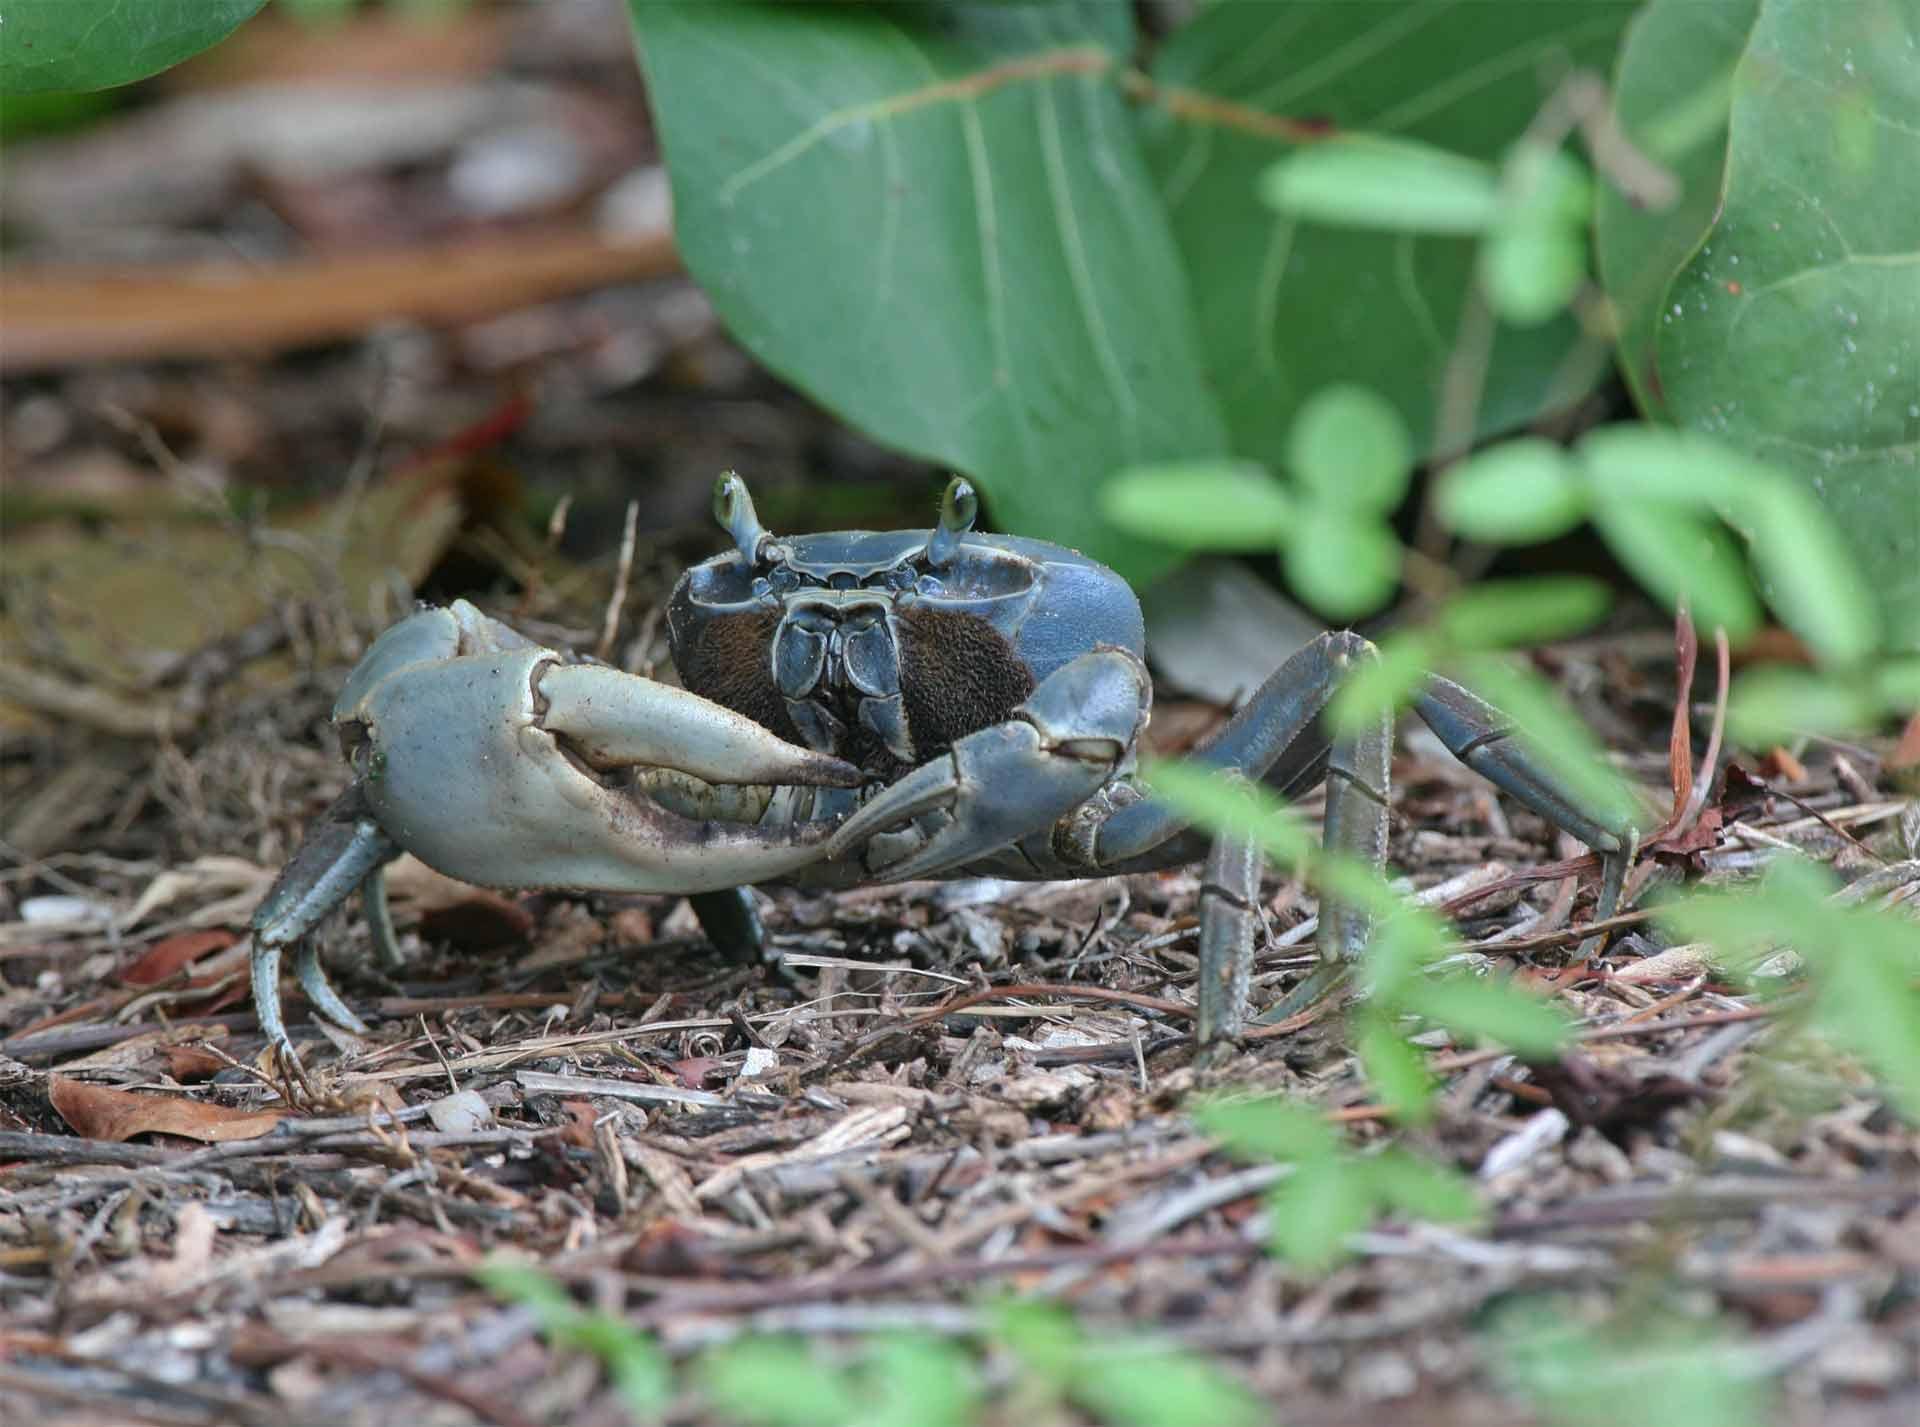 Inparques realiza campañas de concienciación para salvar al cangrejo azul que habita en Falcón